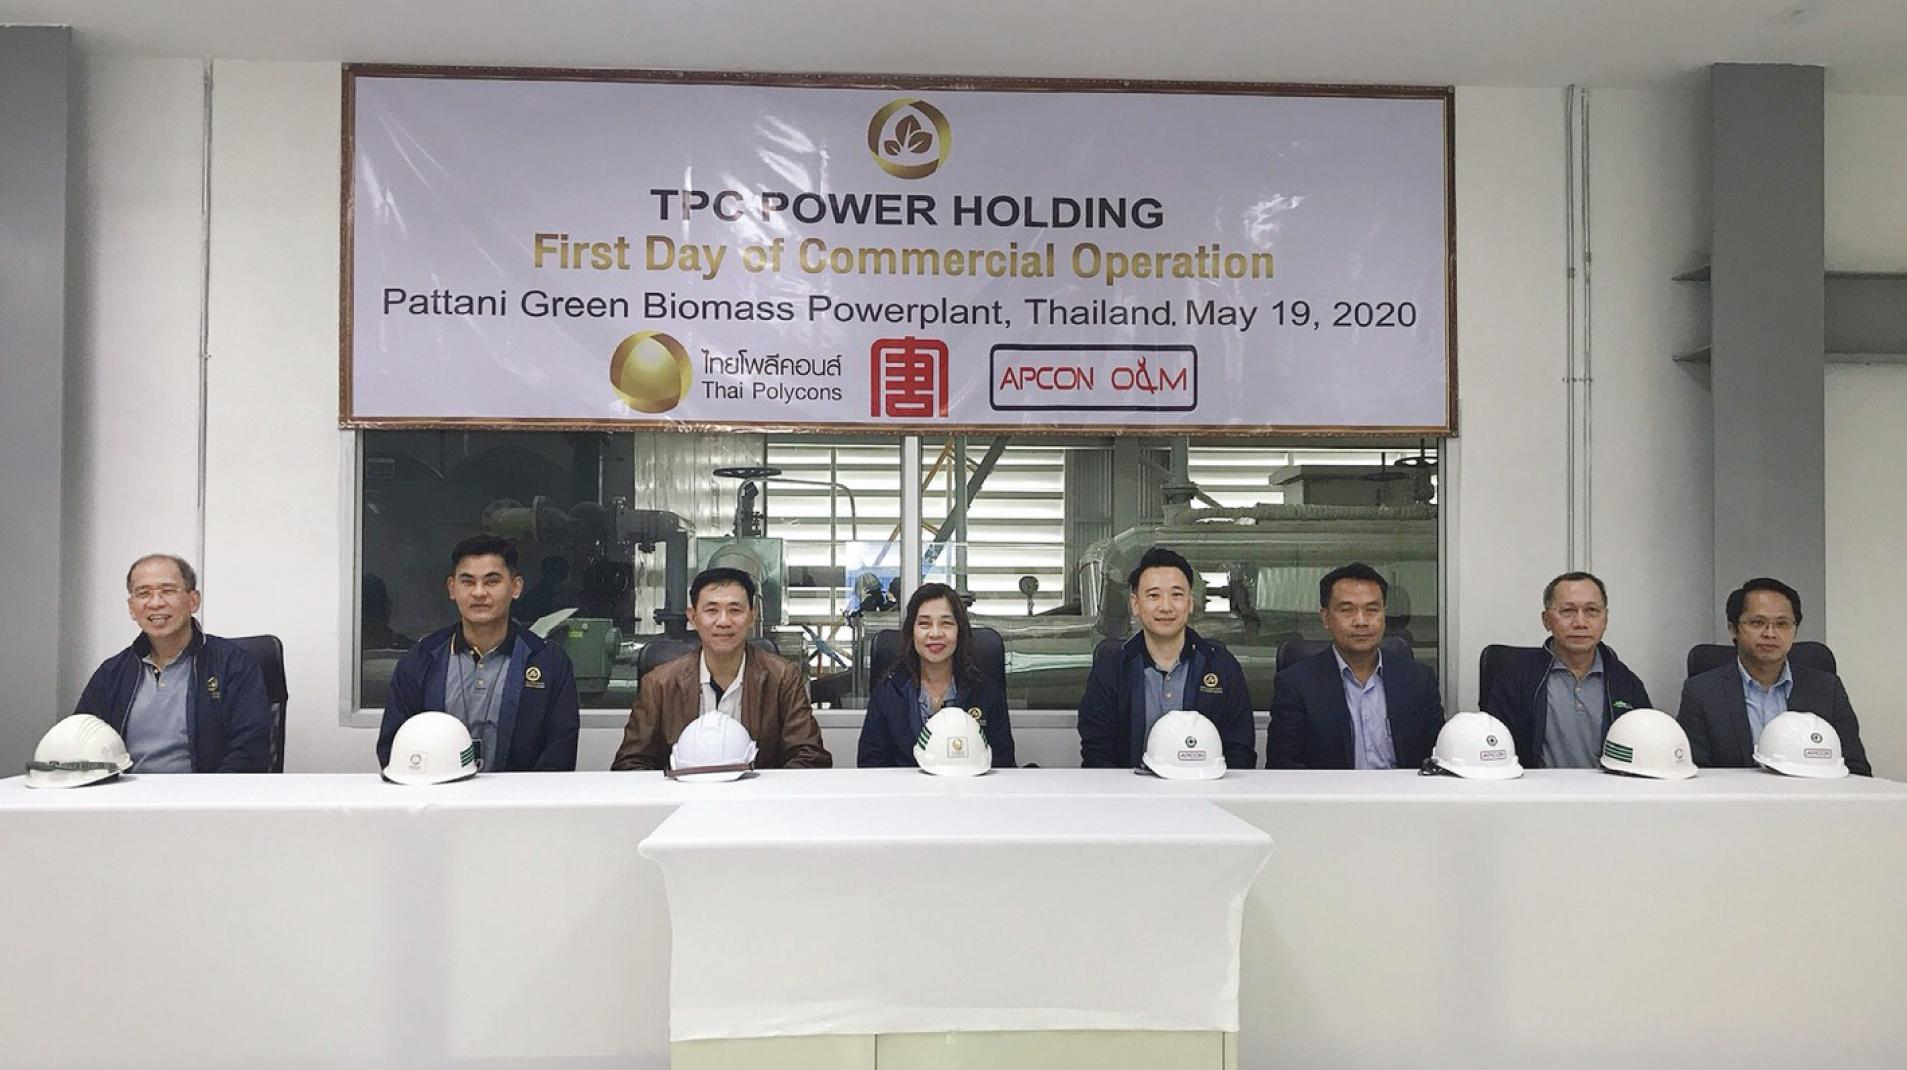 ประกาศ COD โรงไฟฟ้าของ TPCH วันอังคารที่ 19 พฤษภาคม พ.ศ. 2563 เวลา 12.00 น.